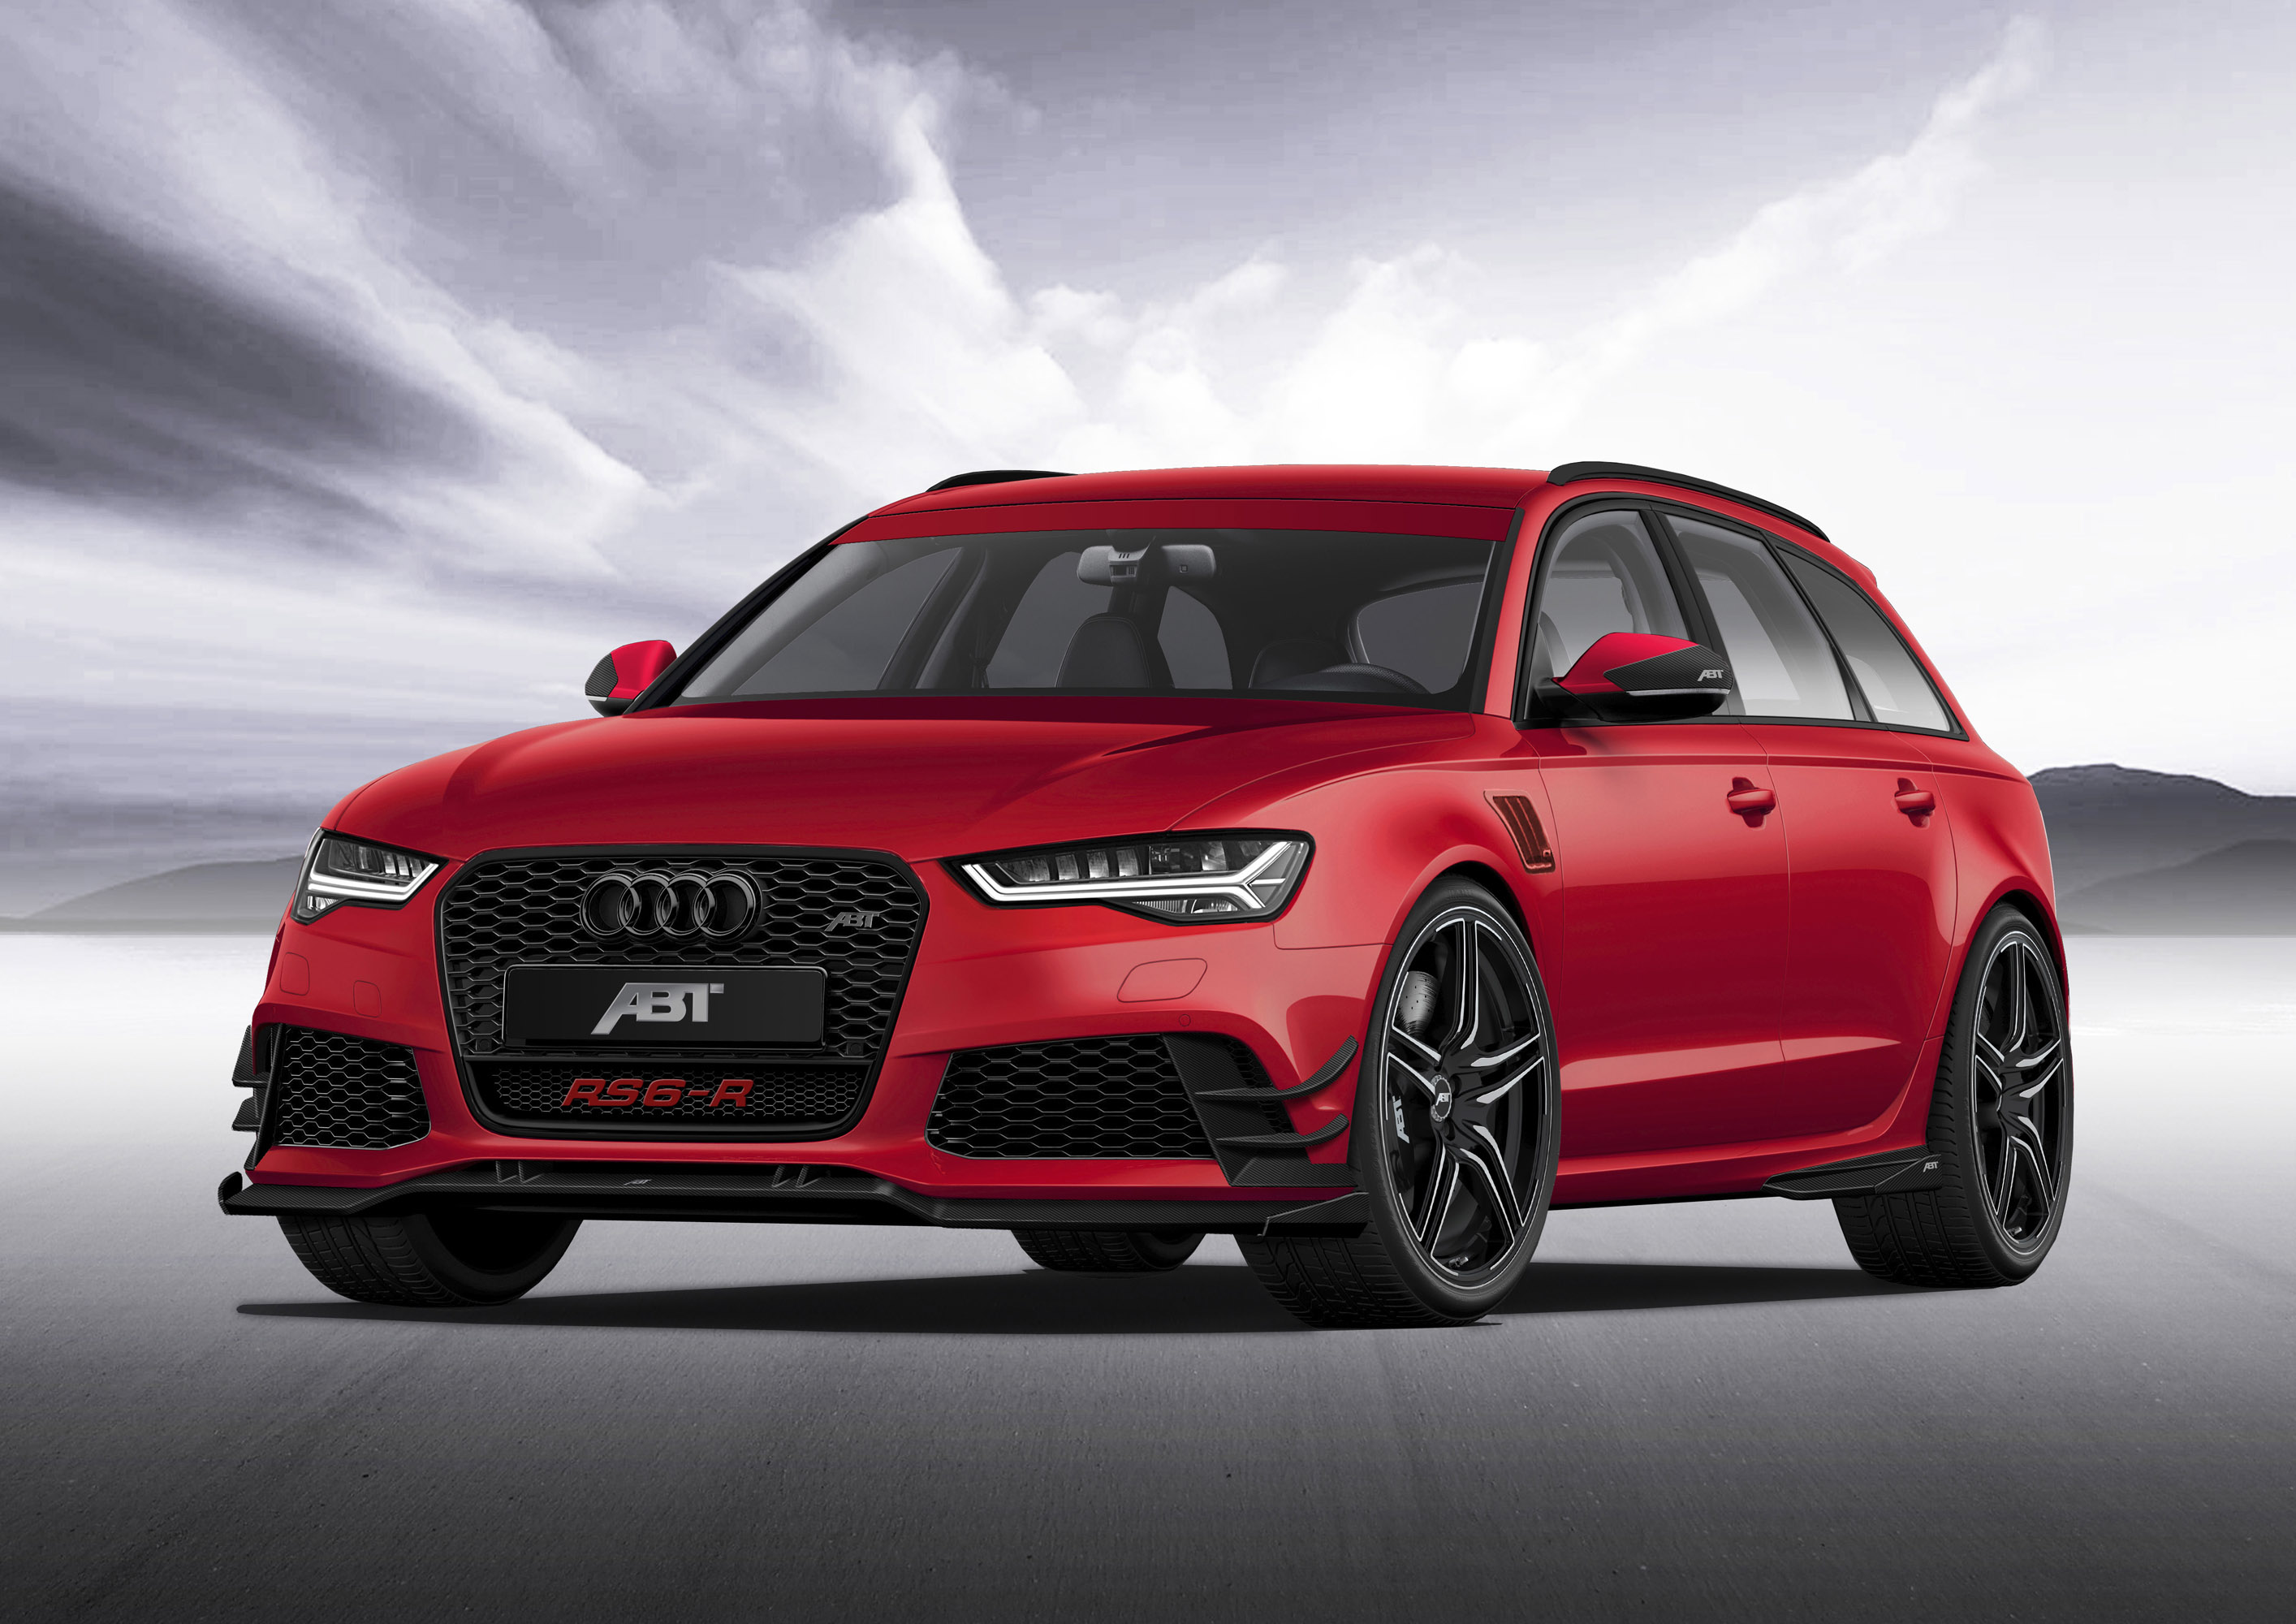 Audi Rs6 Inside >> 2015 ABT Audi RS6-R - HD Pictures @ carsinvasion.com